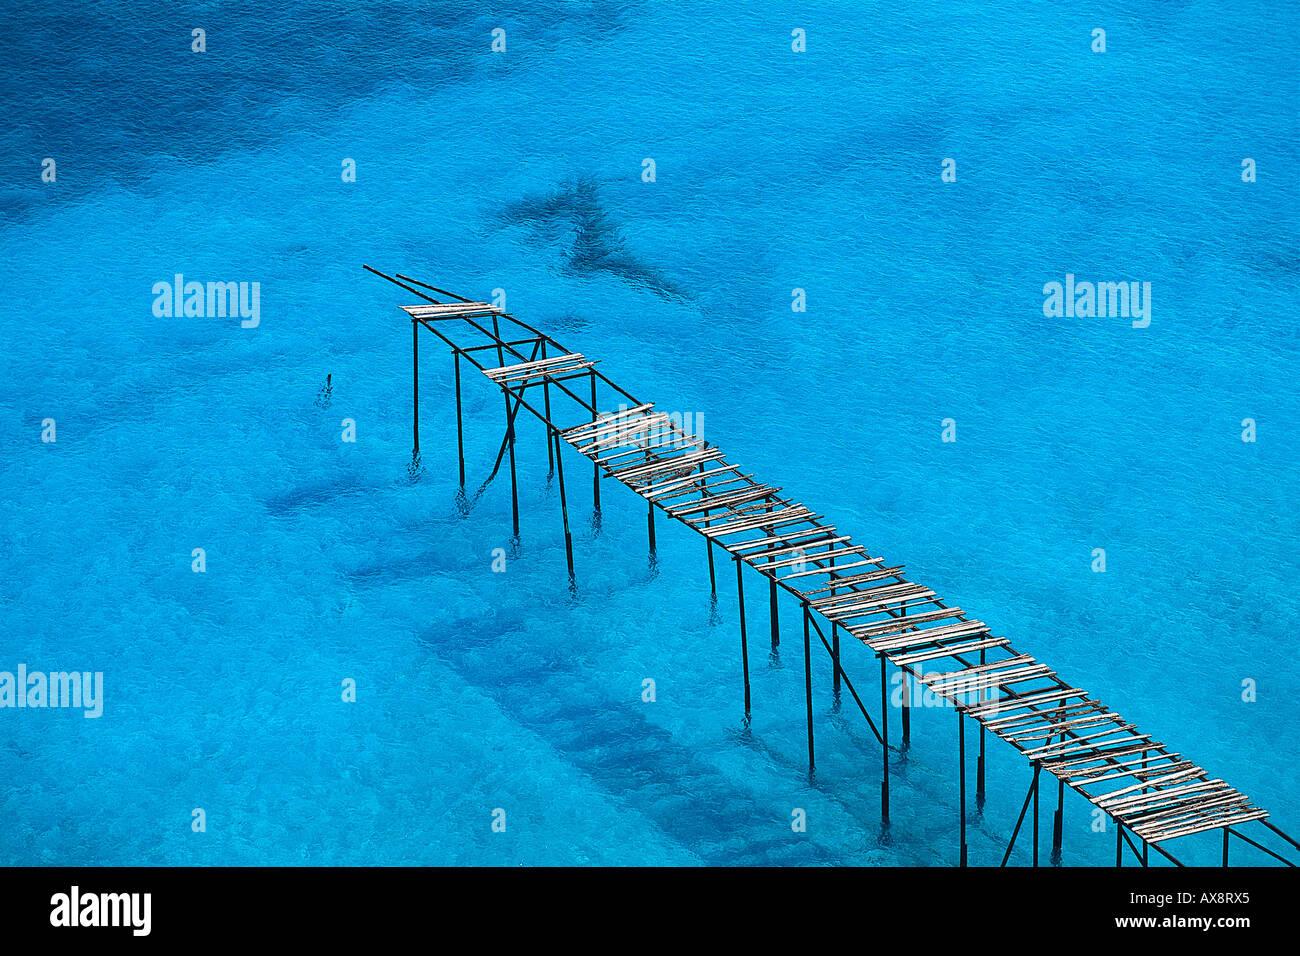 Gebrochen Holzsteg in der Nähe von Porticello, Insel Lipari, Äolischen Inseln, Italien Stockfoto